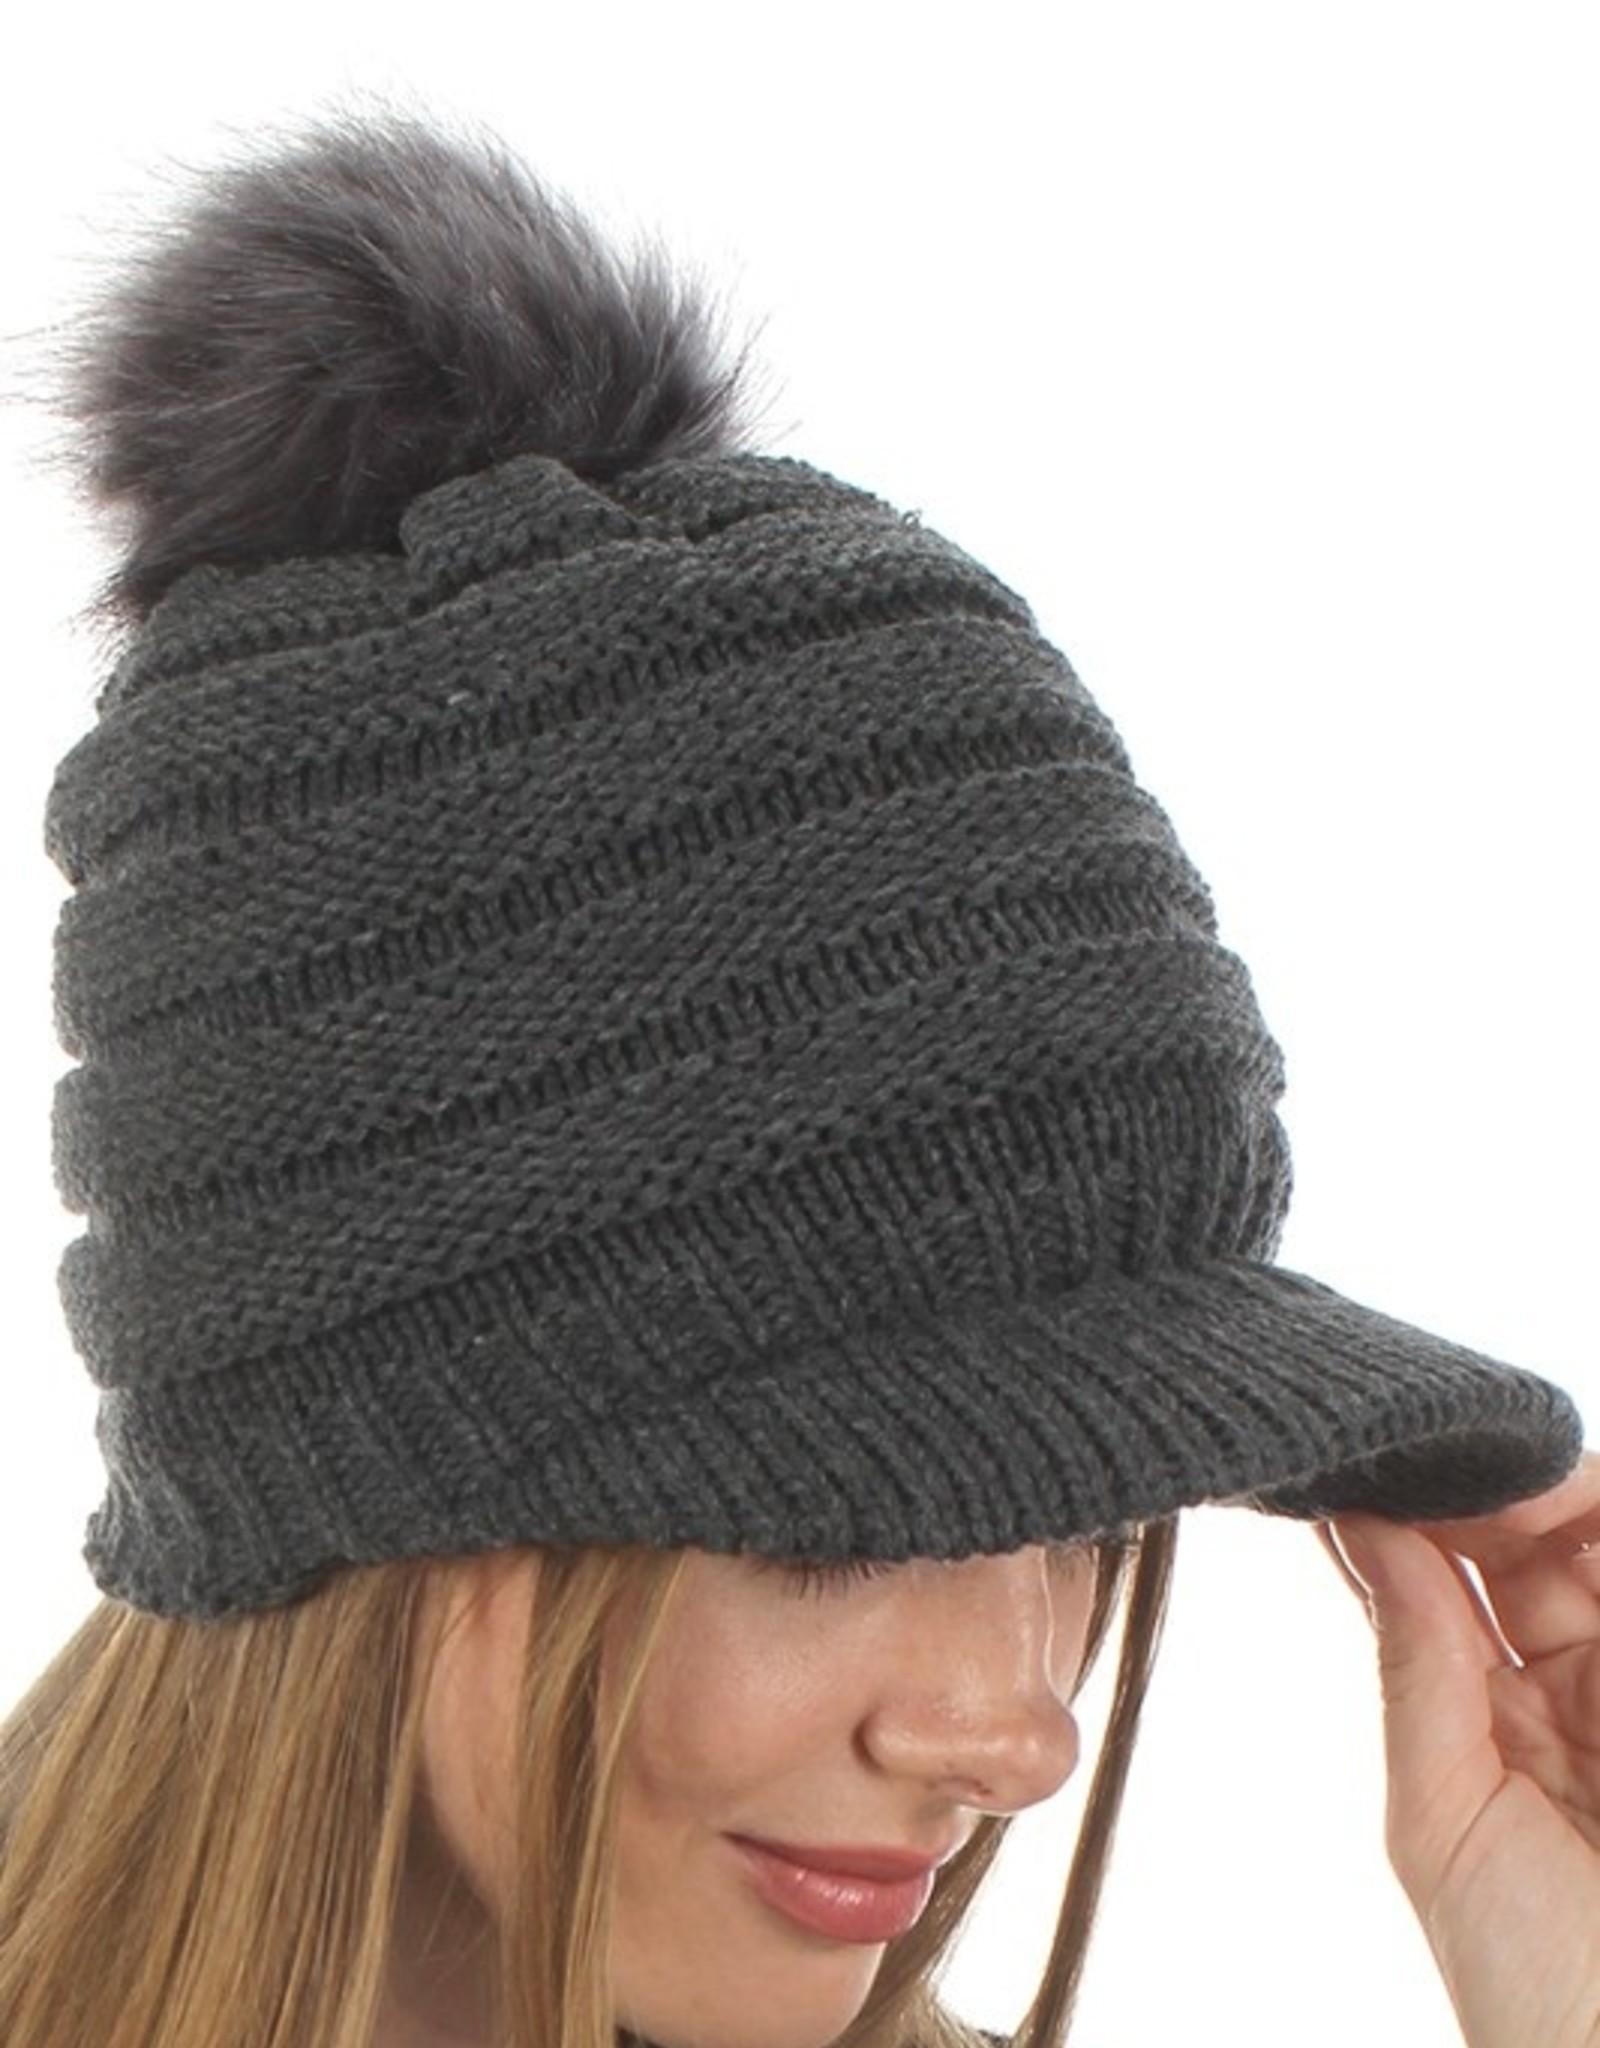 Knit visor